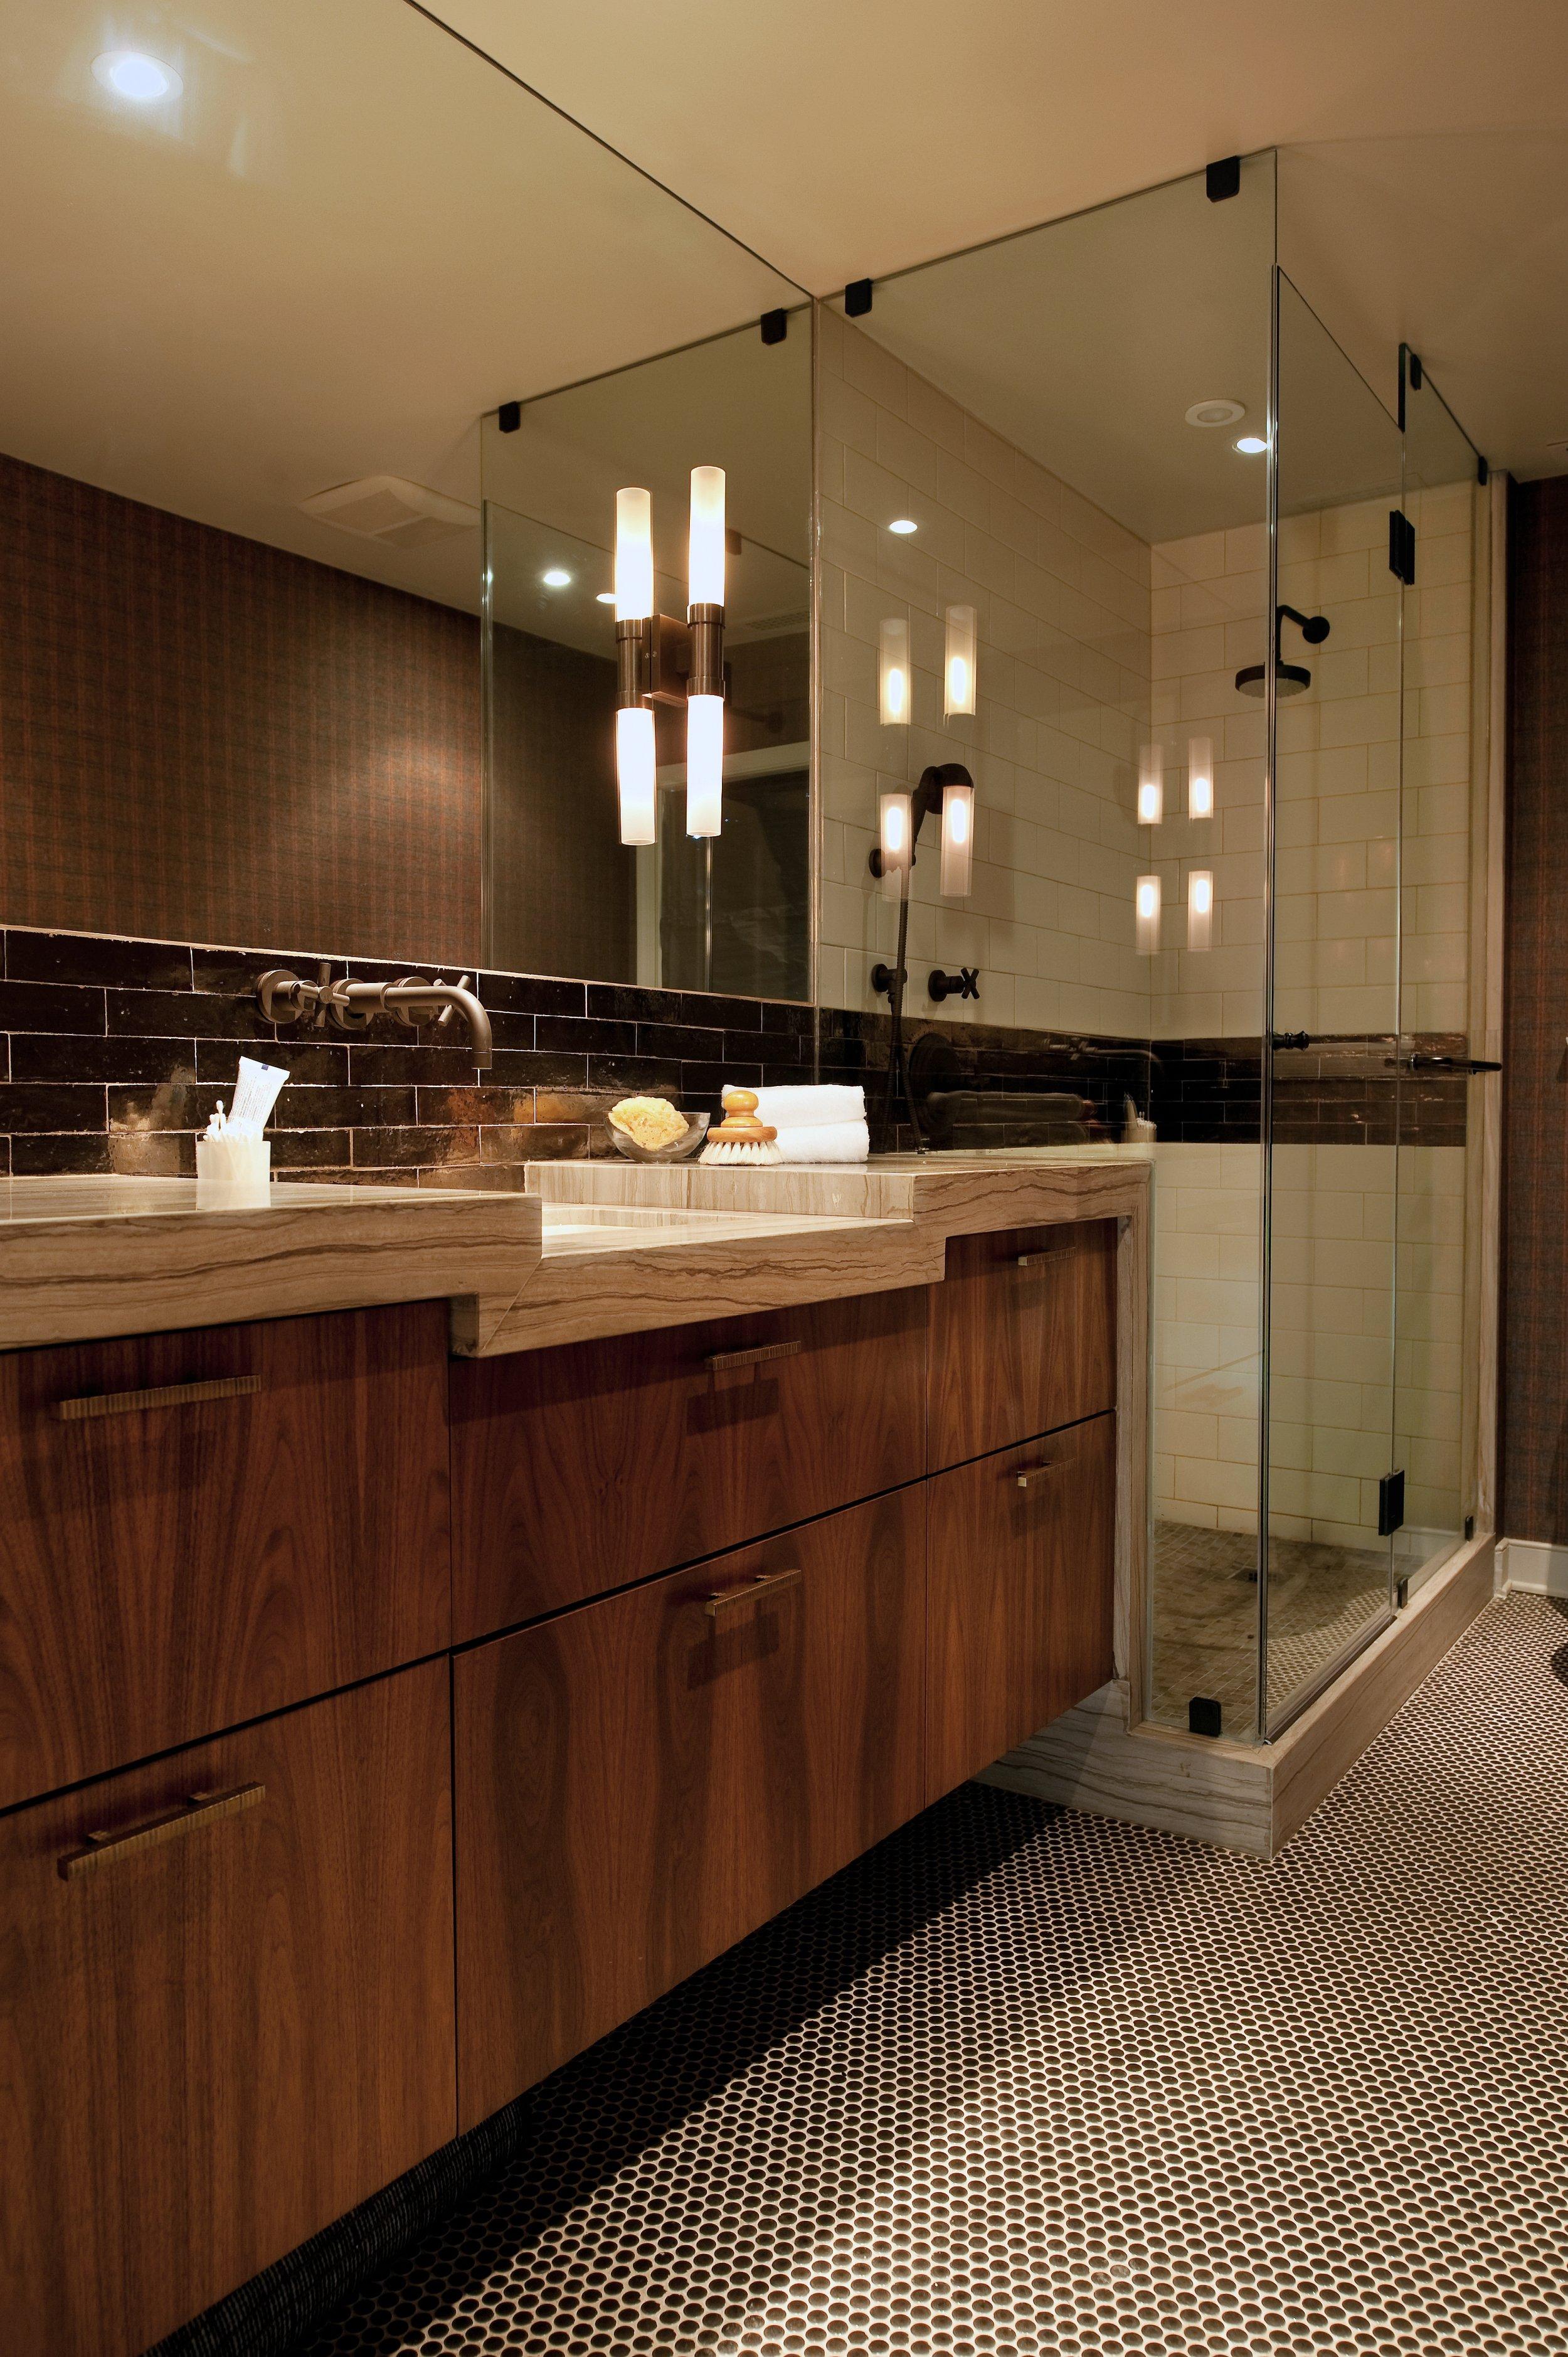 Maryland bathroom for him // Huntley & Co.